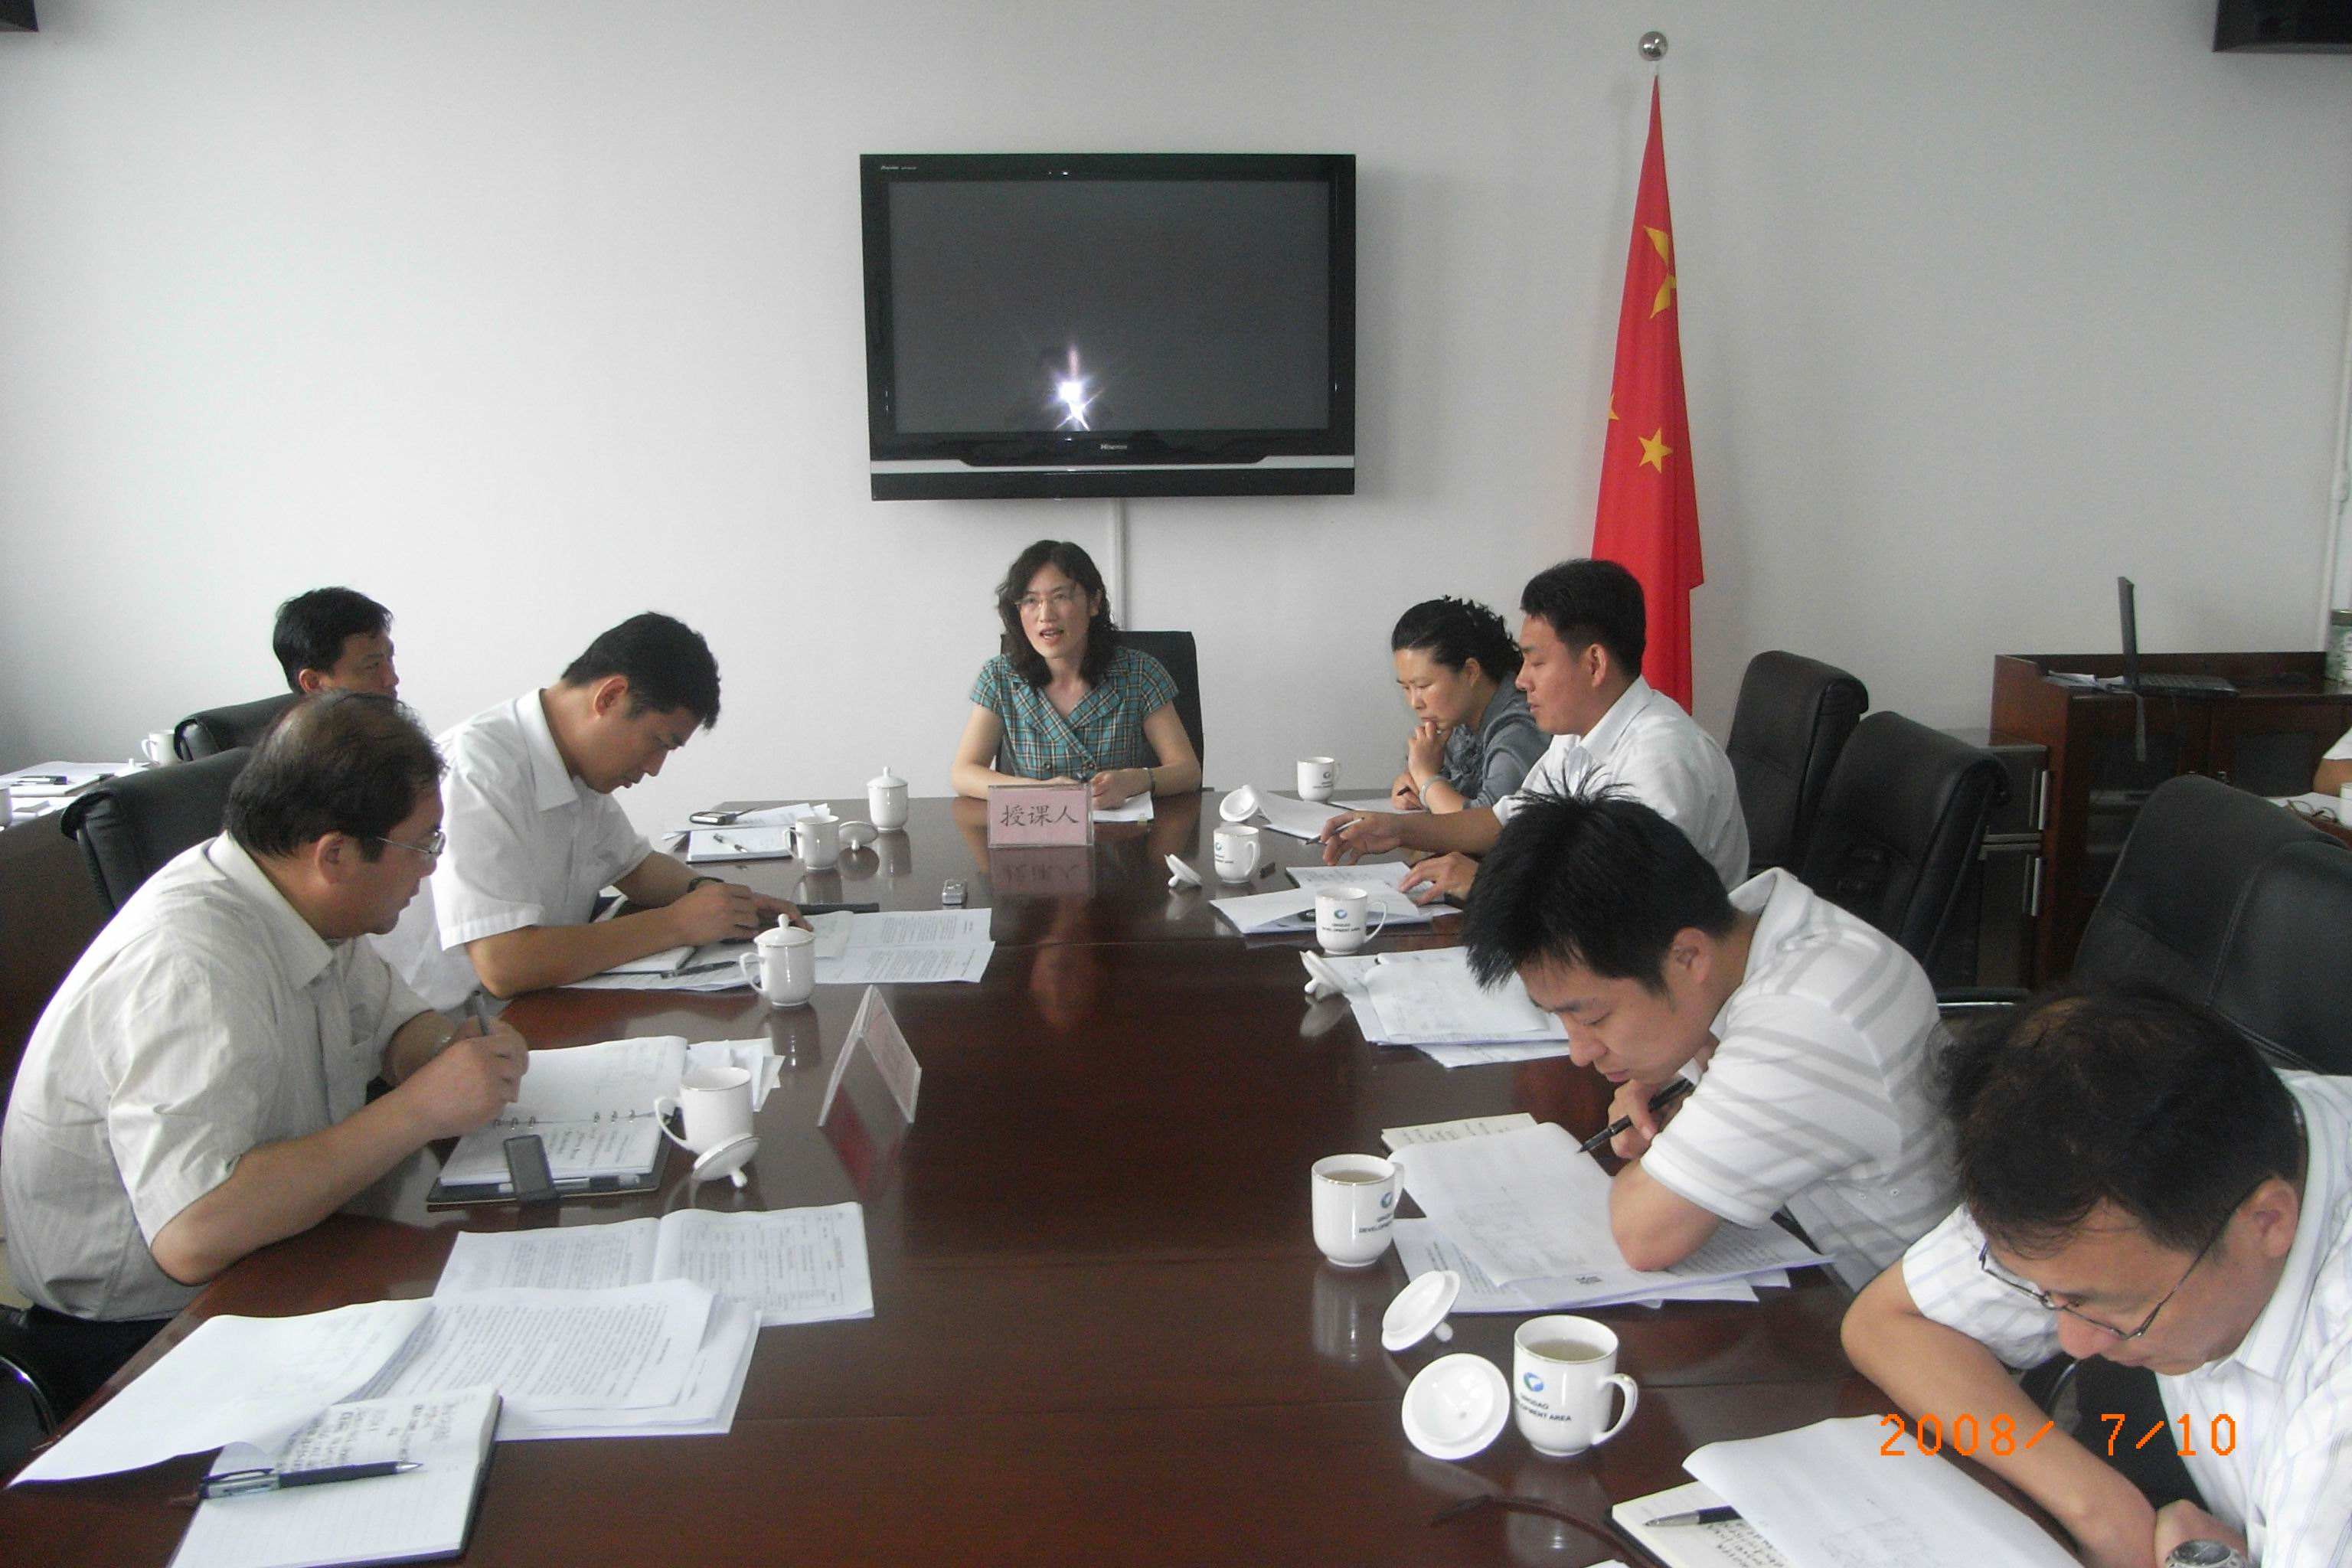 青岛经济技术开发区外经贸局,日韩局,欧美亚局,港澳台局,国内局分管